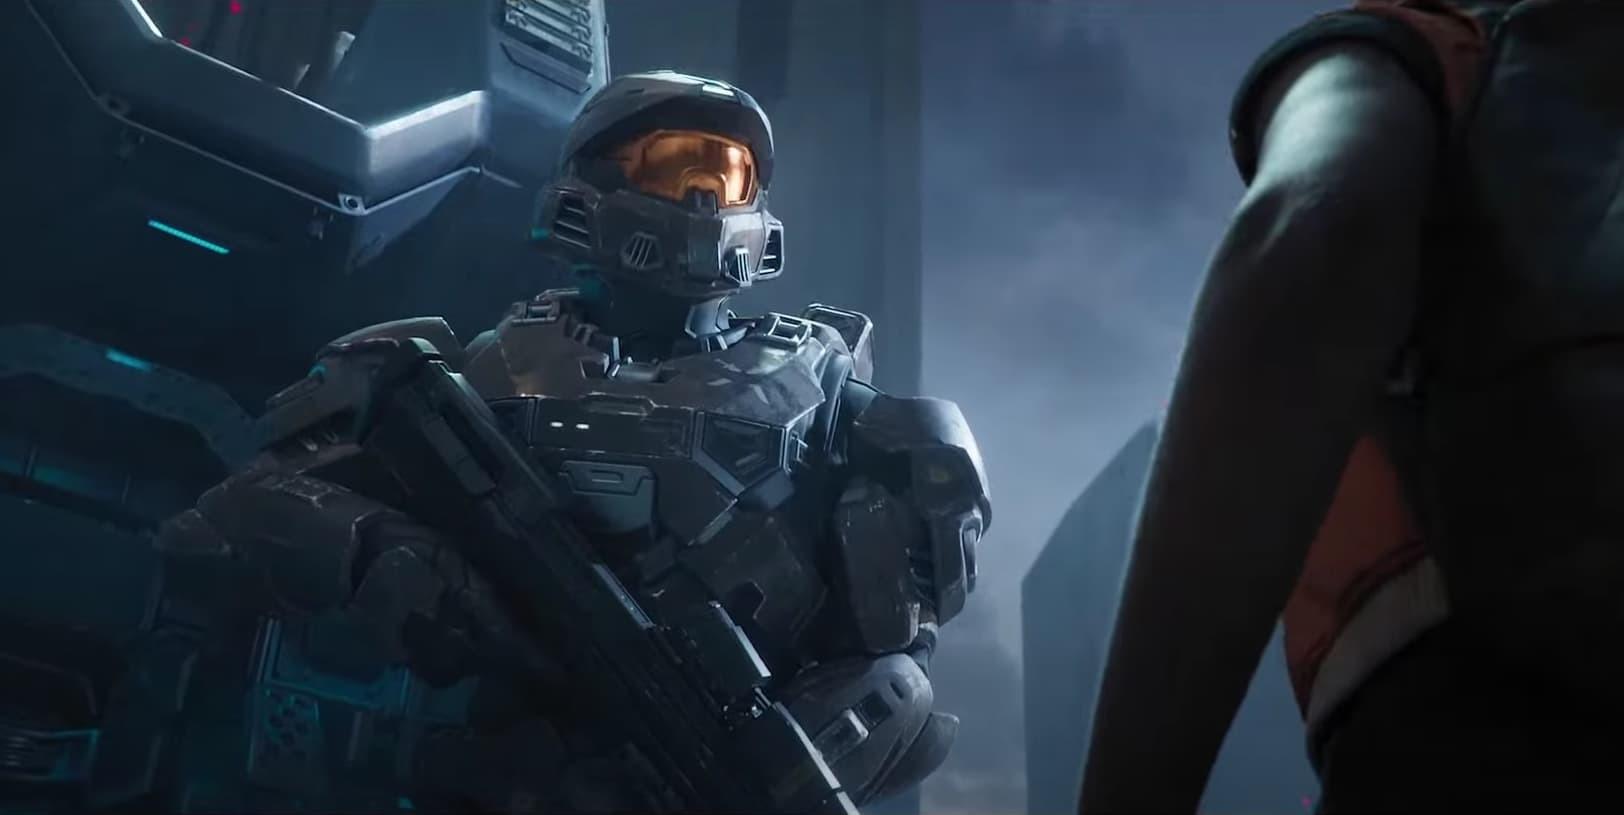 Halo infinite Spartan trailer multiplayer